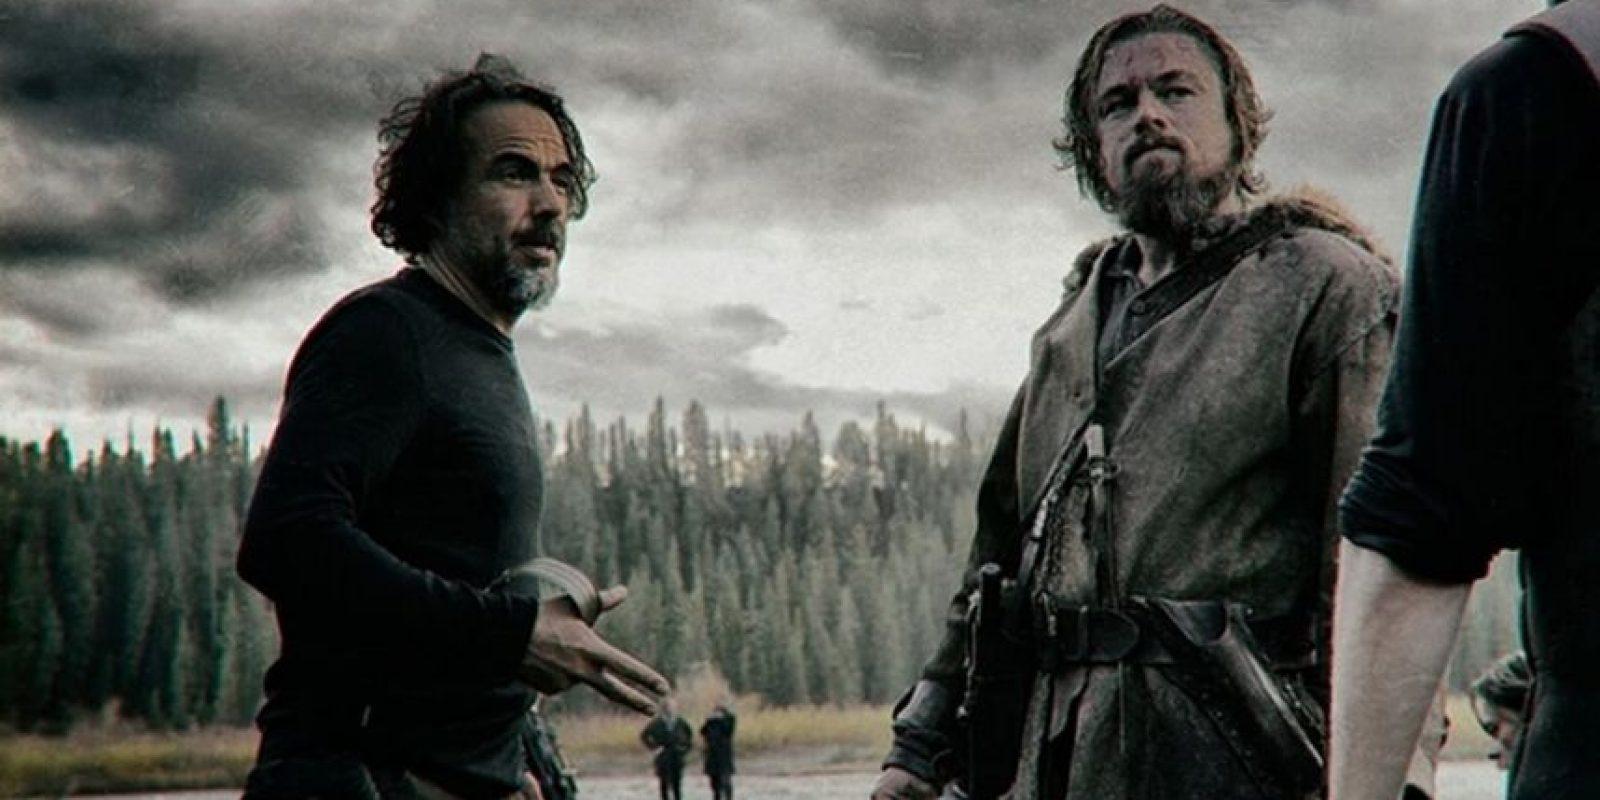 La cinta llegará a los cines en 2016. Foto:20th Century Fox